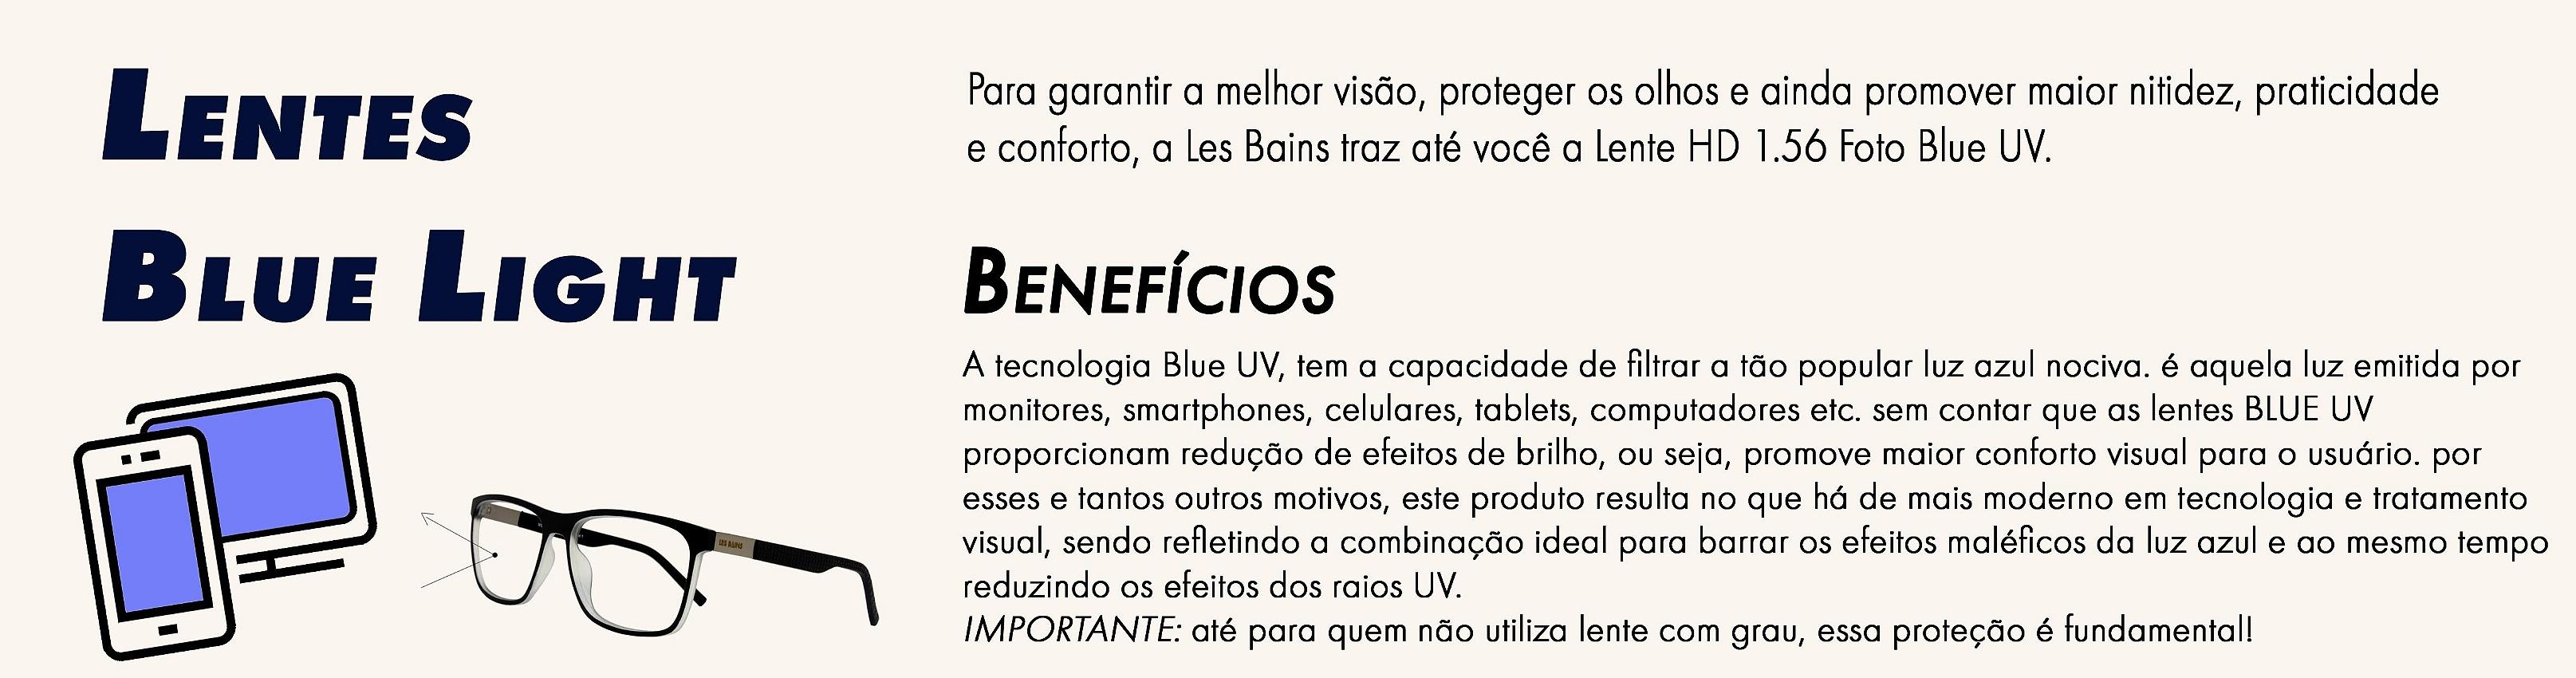 Lente Blue Light